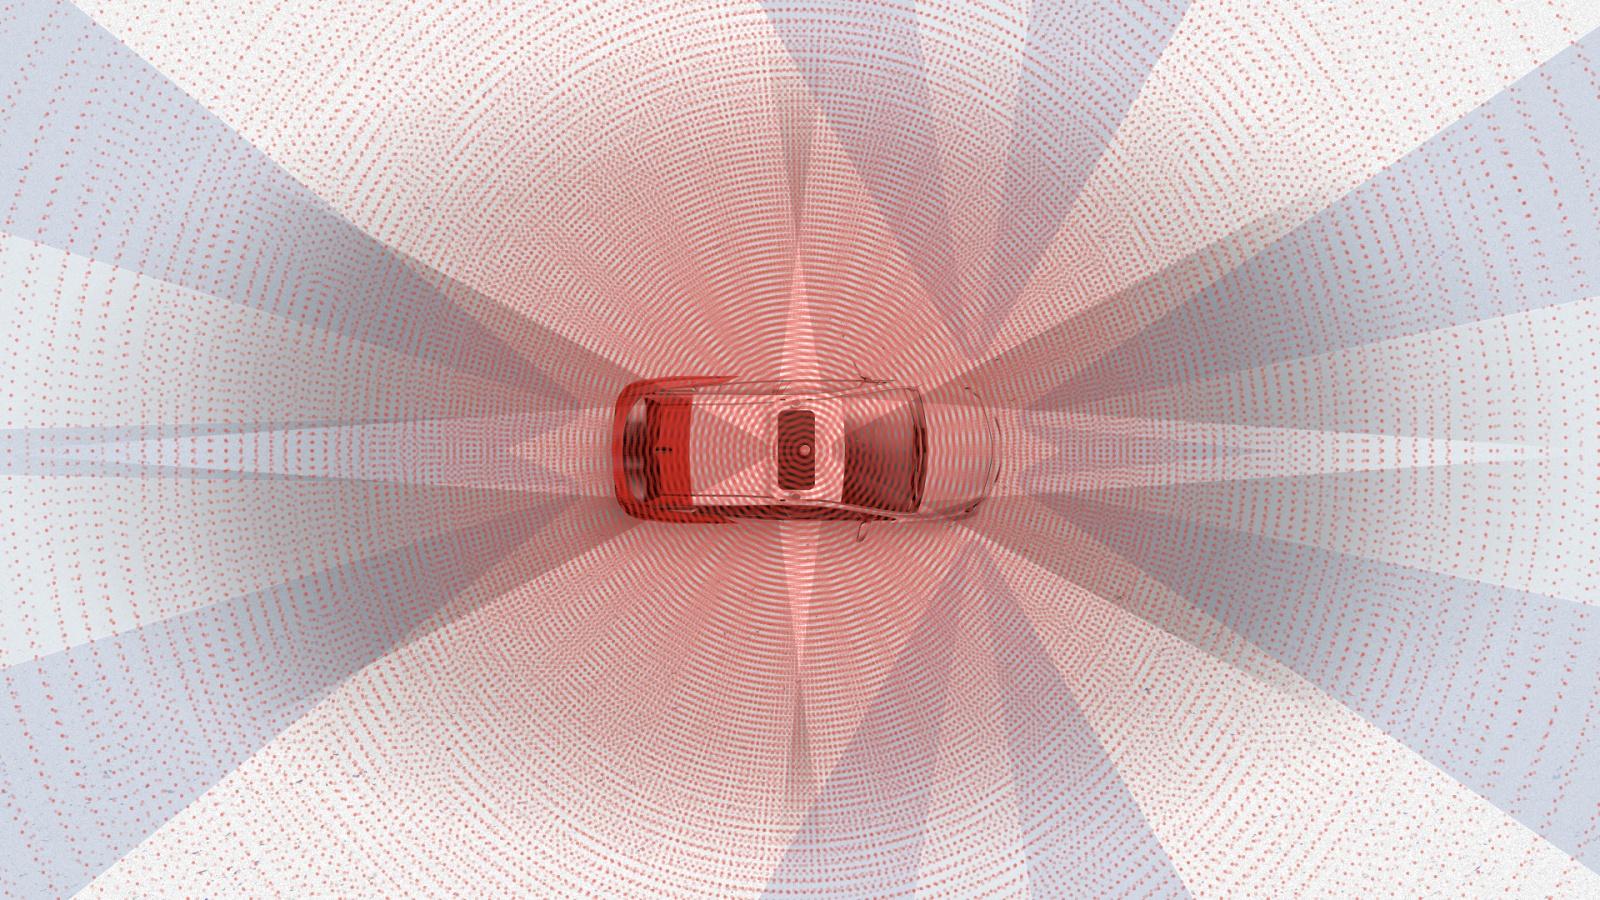 Беспилотный автомобиль: оживляем алгоритмы. Доклад Яндекса - 10